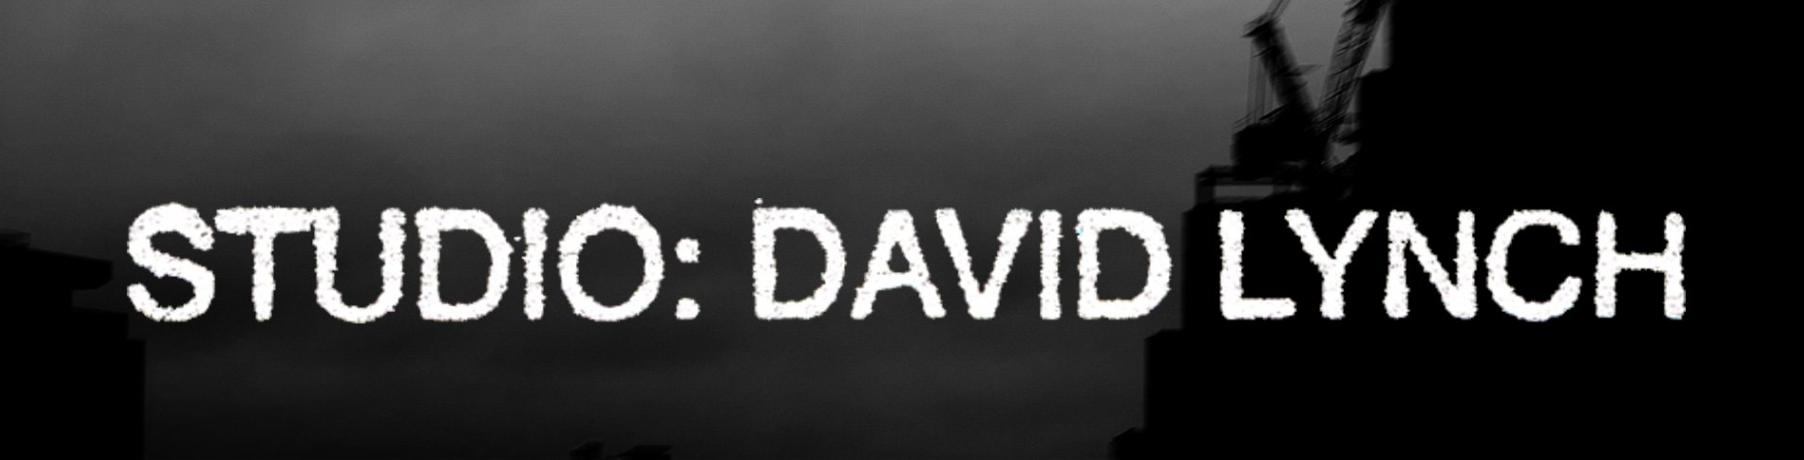 David Lynch projectnerd.it